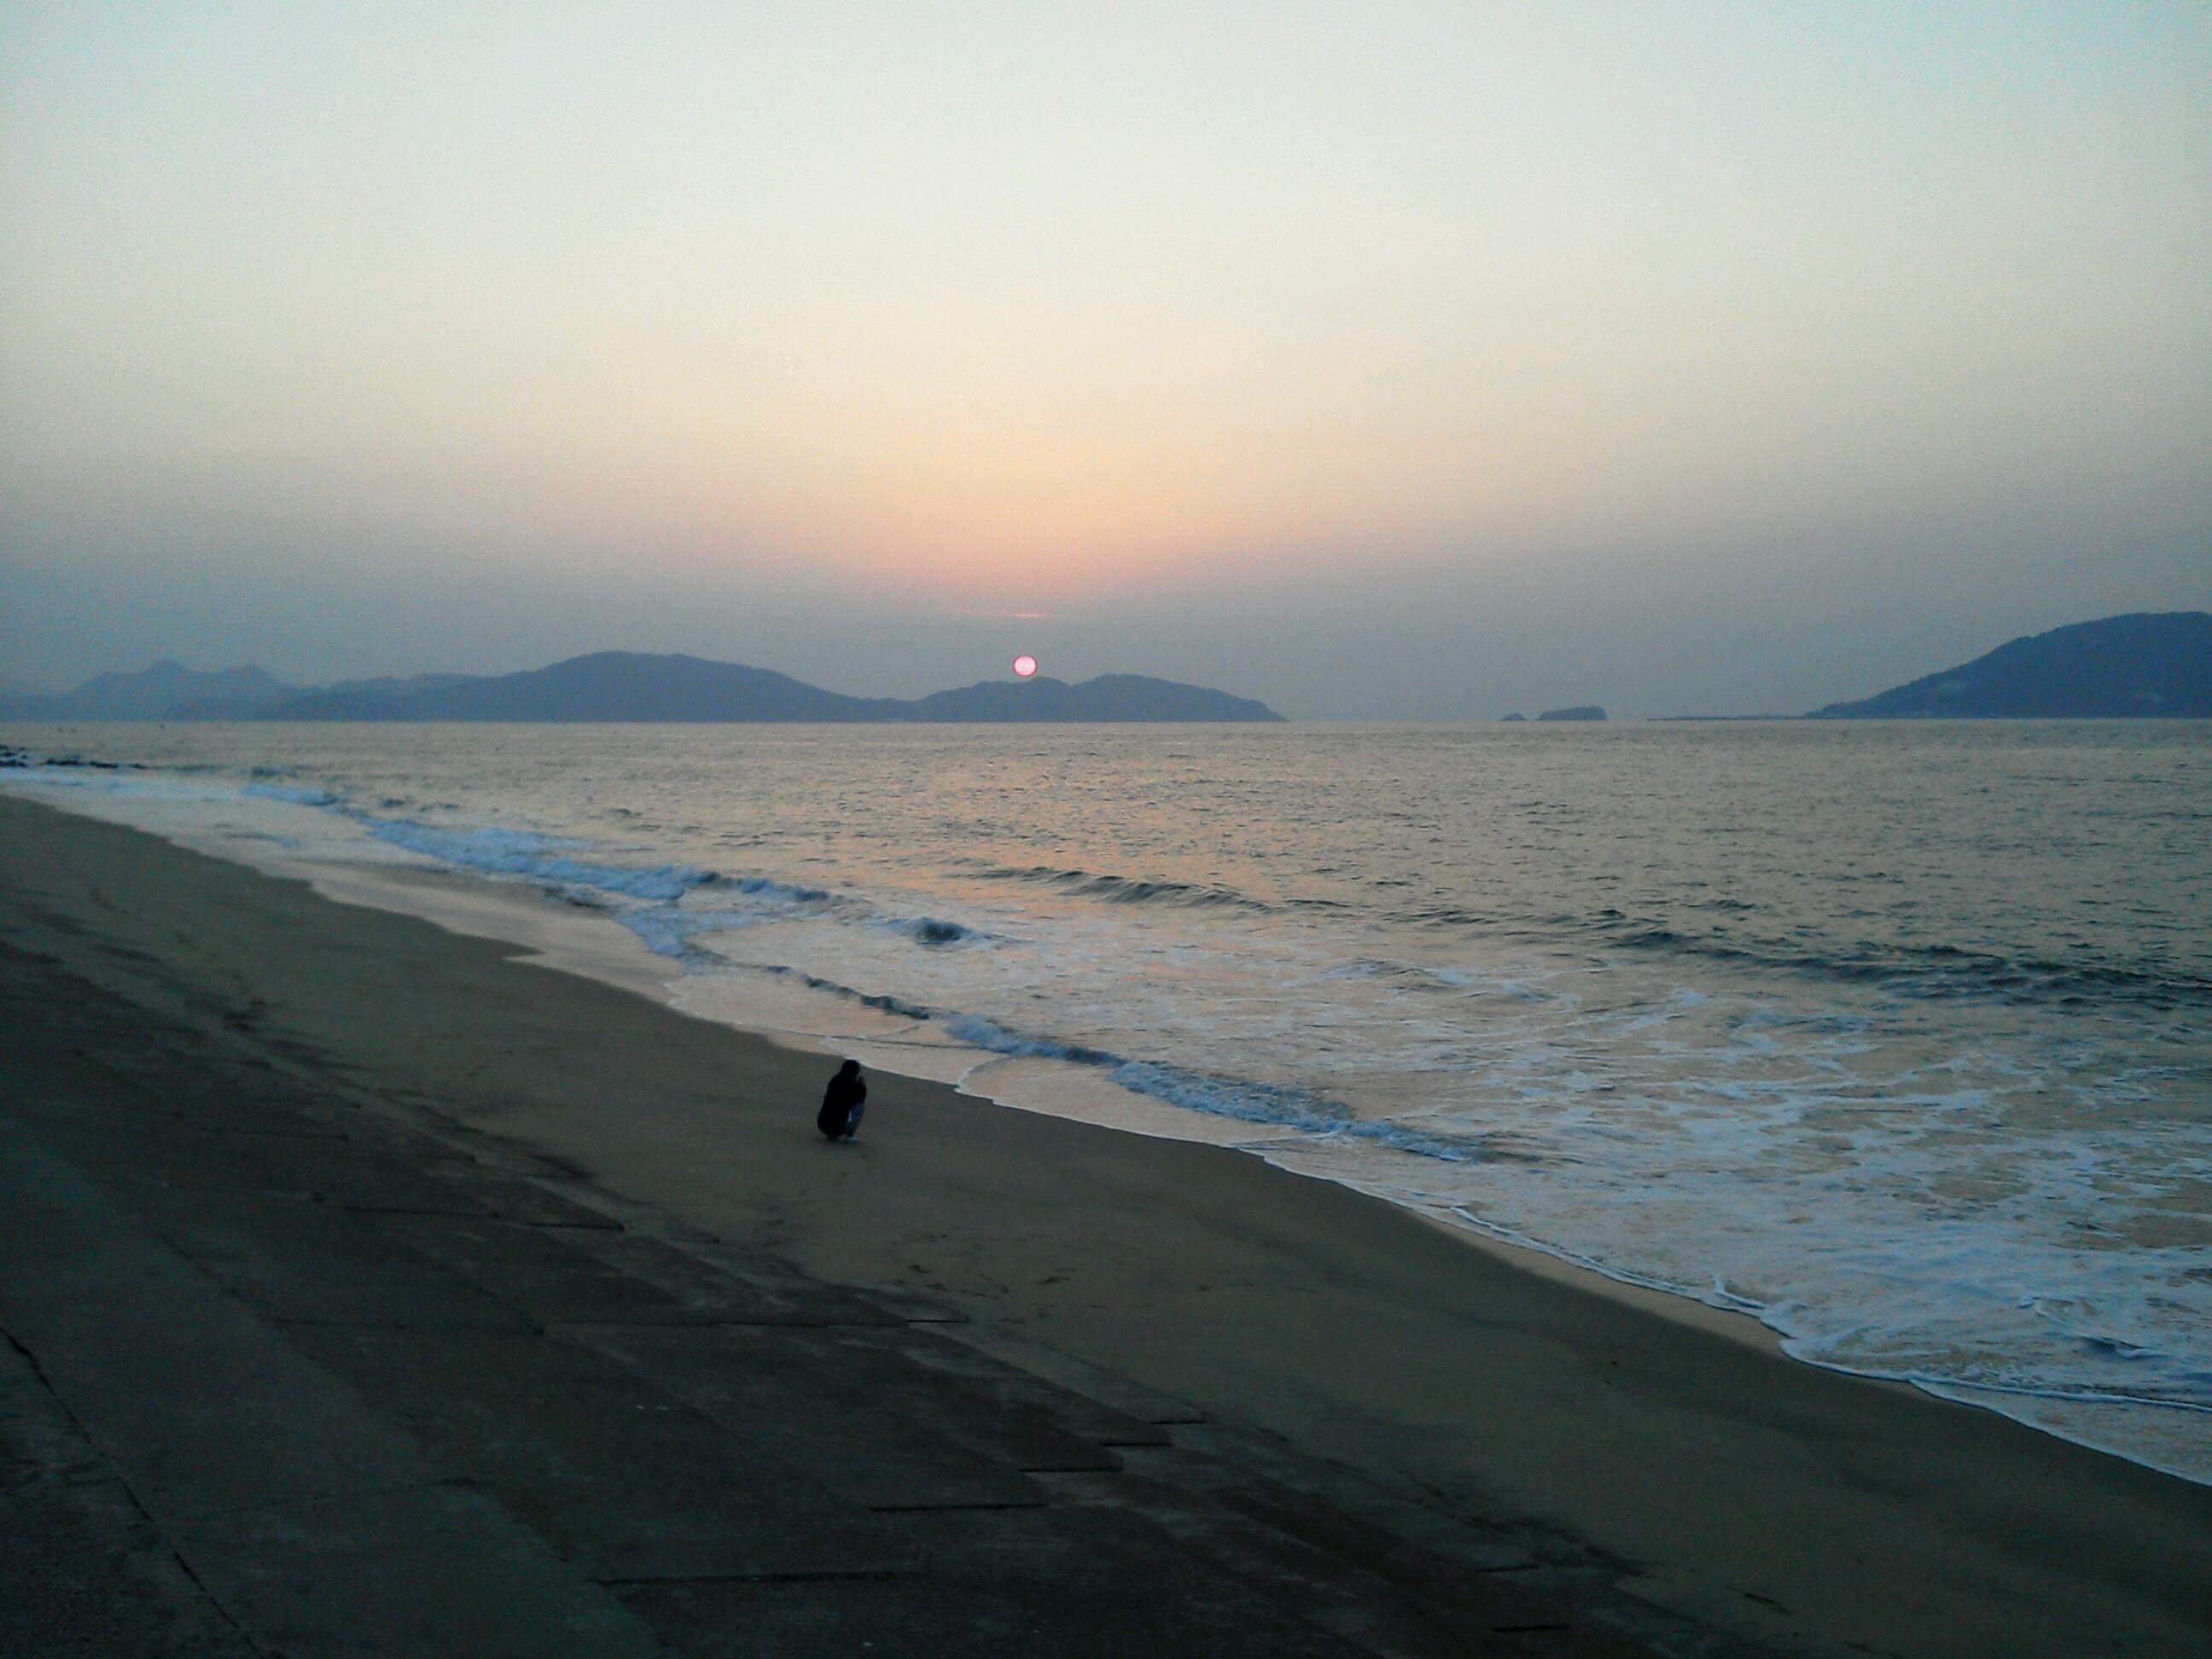 久里子と玄界灘